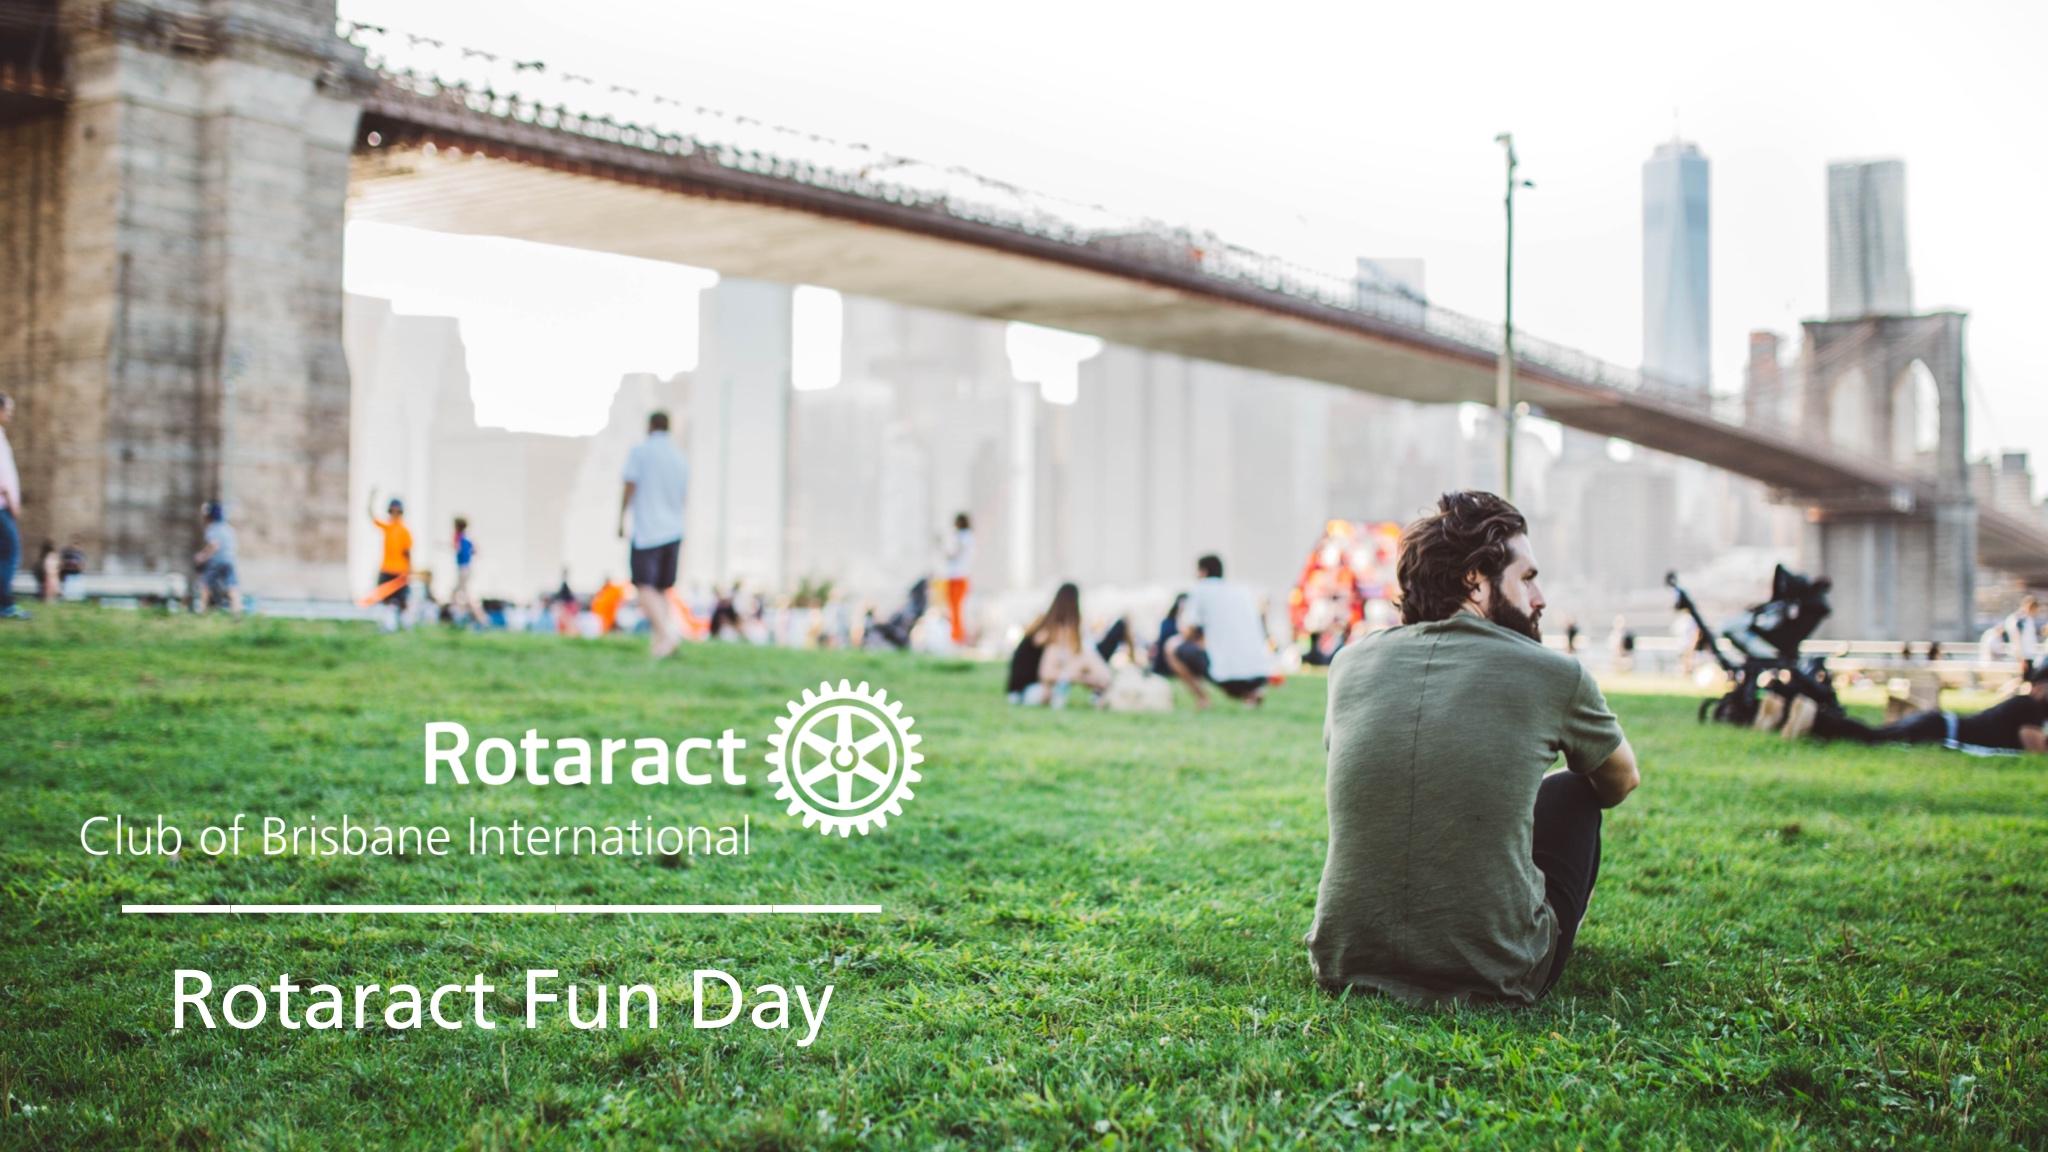 rCBI - rotaract fun day - web use - 16_9.jpg